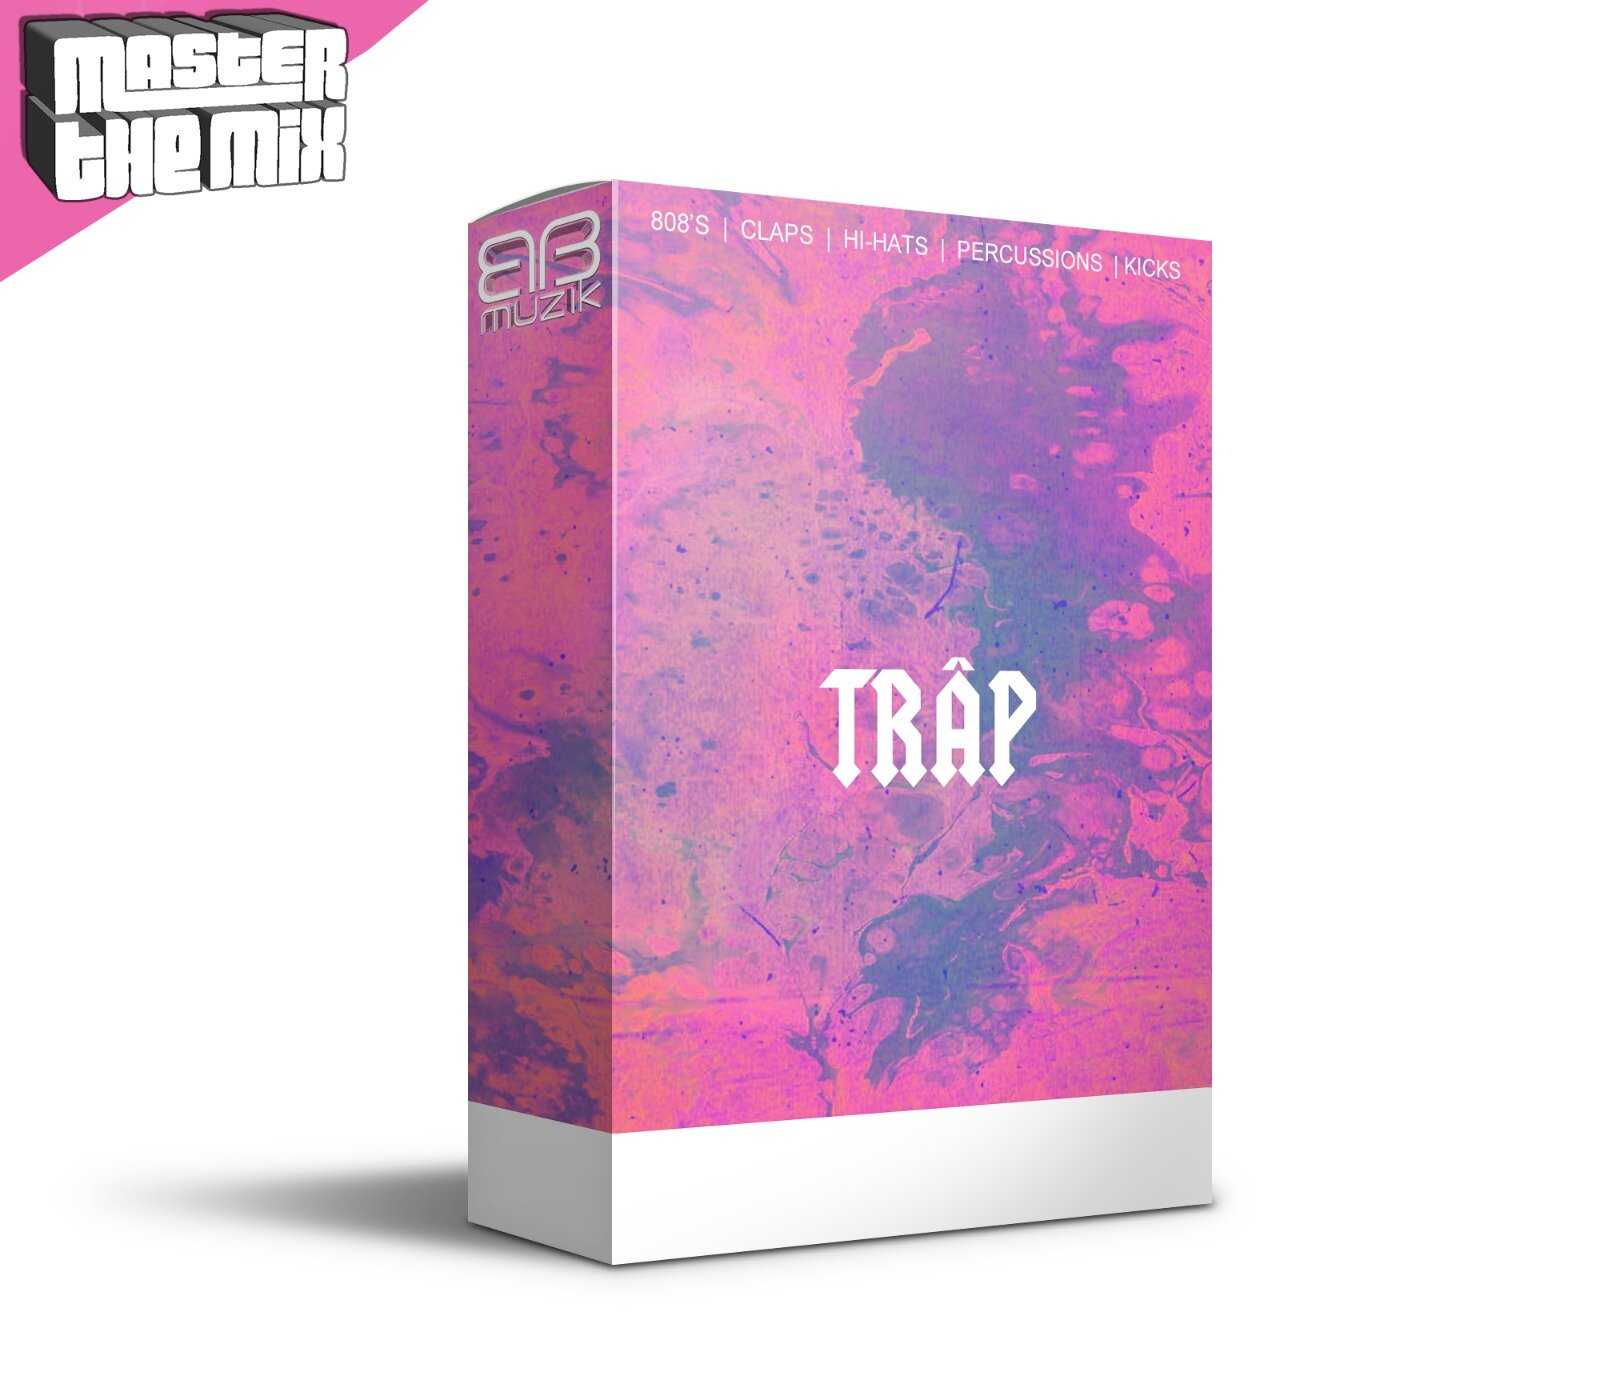 Trap.jpeg